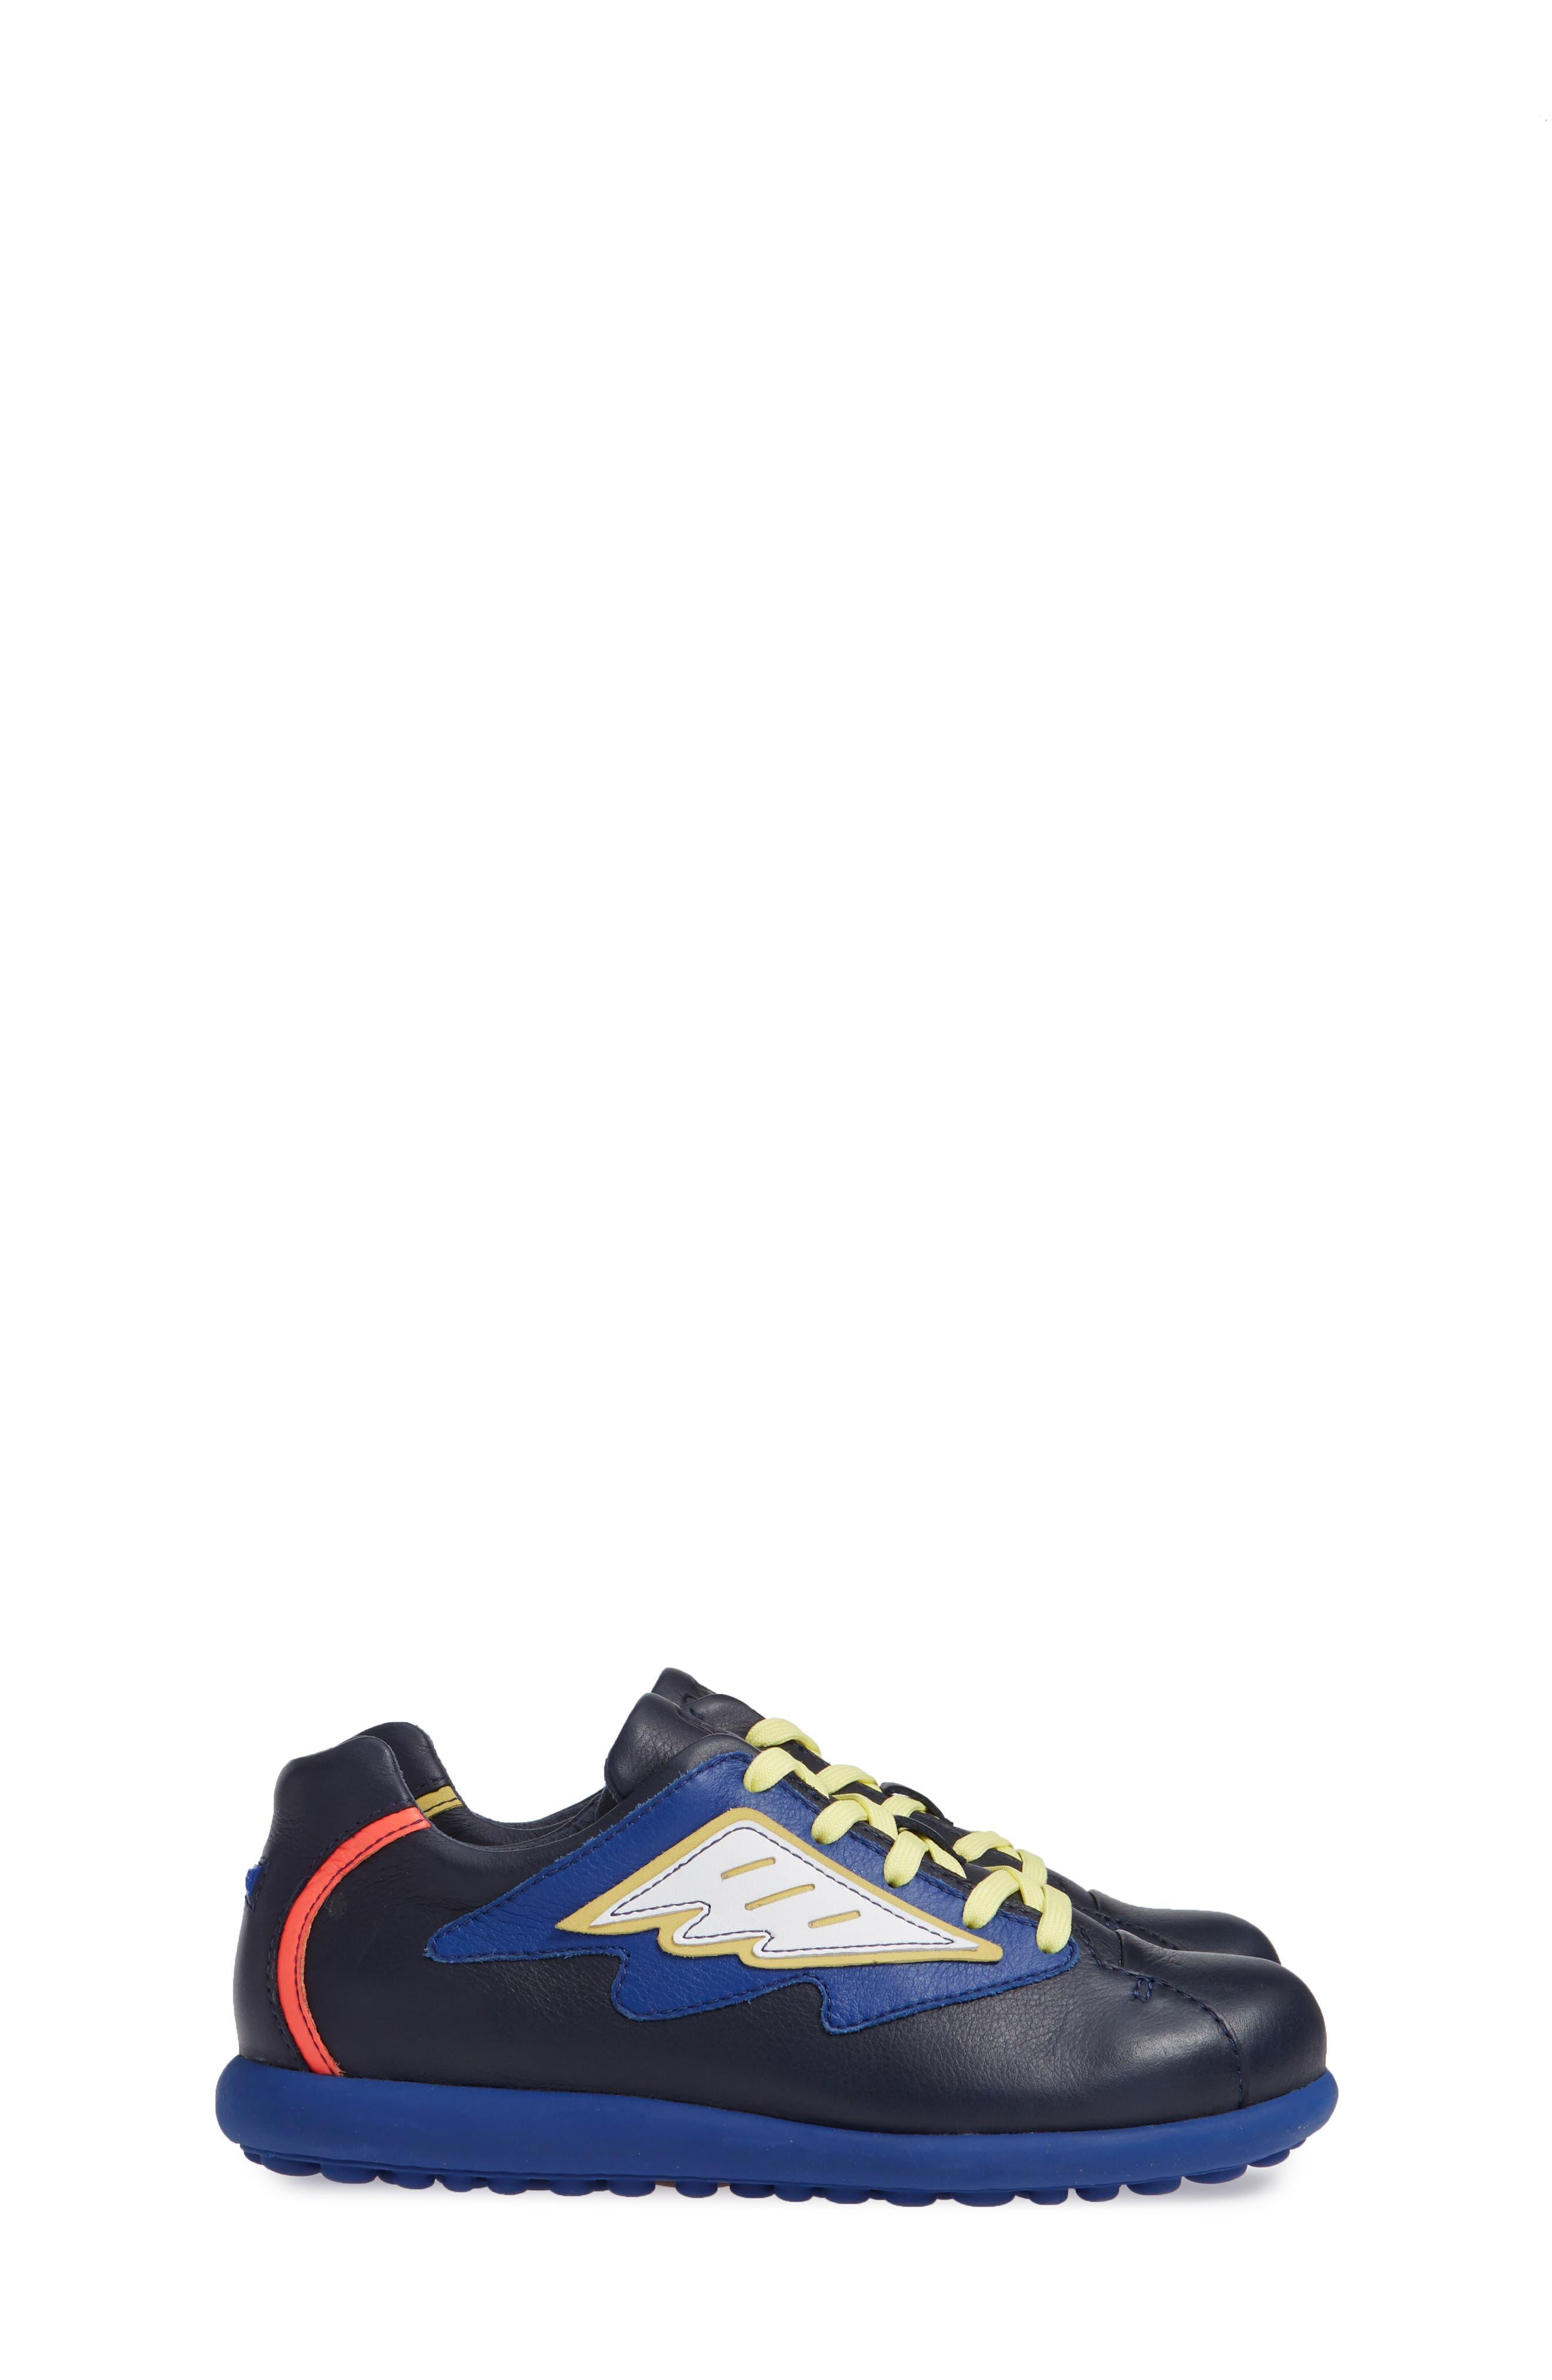 TWS Kids Sneaker,                             Alternate thumbnail 4, color,                             BLUE MULTI